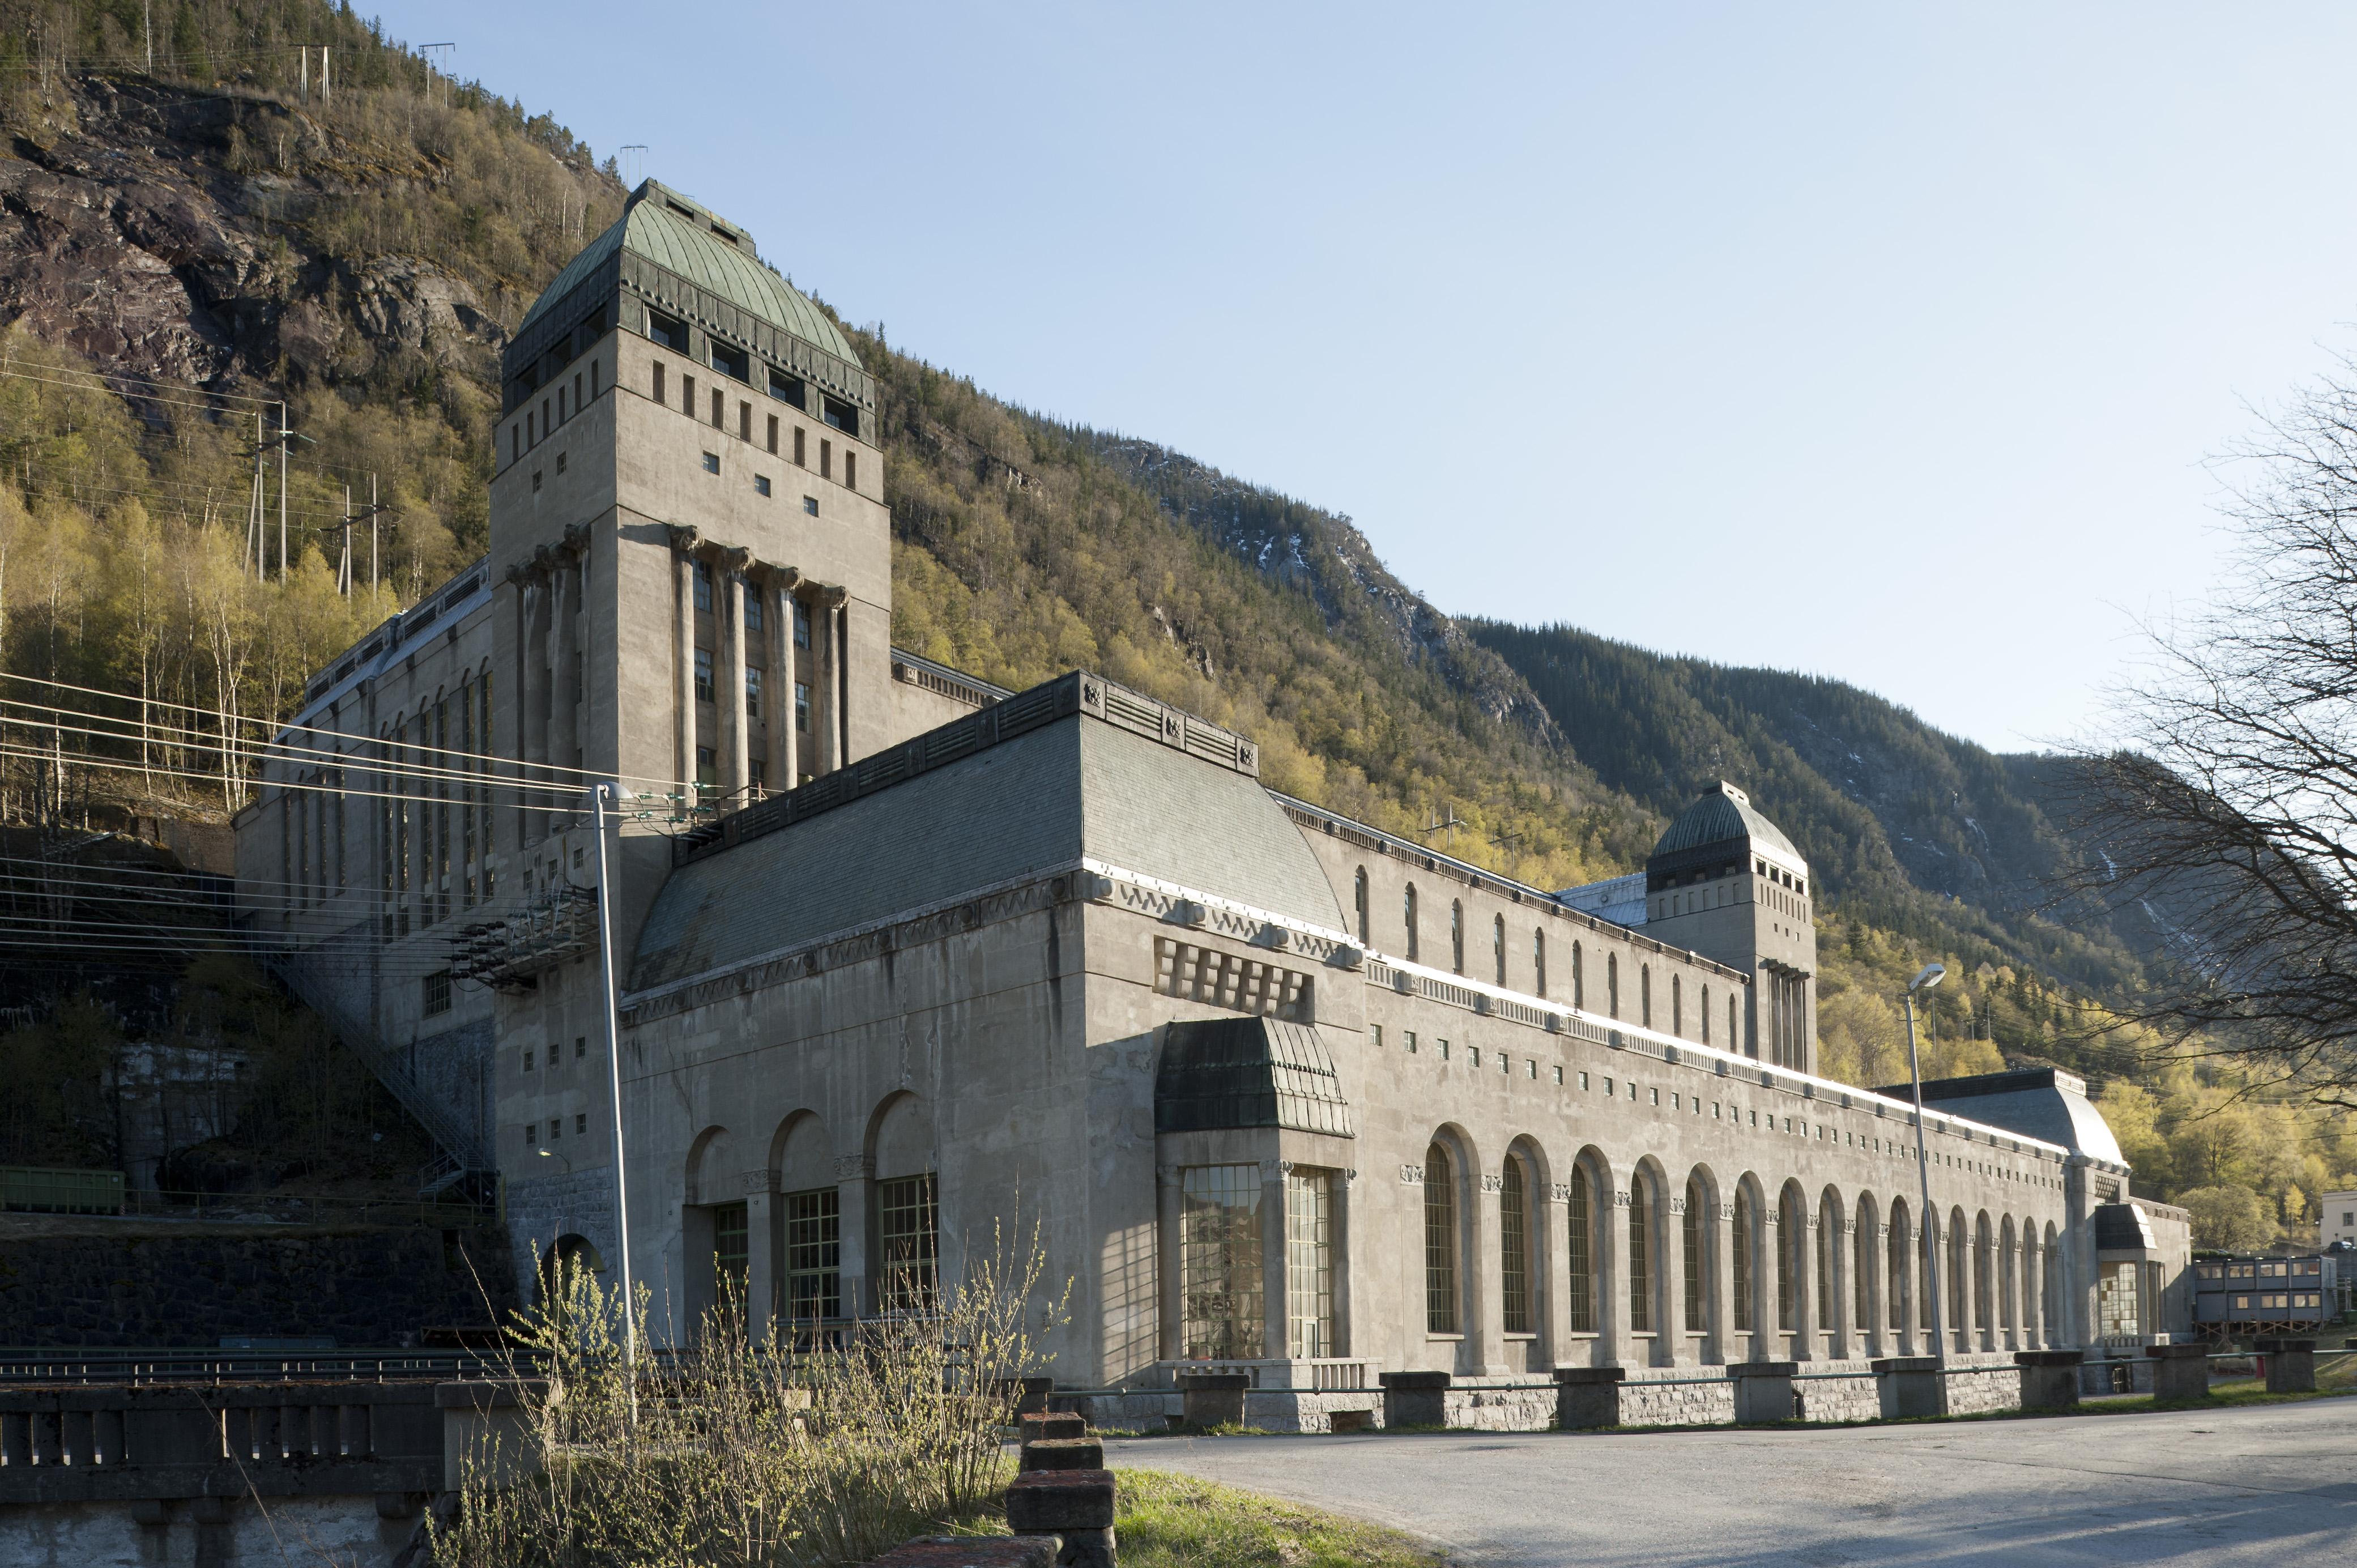 Såheim kraftverk på Rjukan ble fredet i 2003. Såheim er også del av Rjukan-Notodden industriarv på UNESCOs verdensarvliste. Bygget i 1914 etter tegninger av arkitekt Thorvald Astrup og professor Olaf Nordhagen. Foto: Per Berntsen